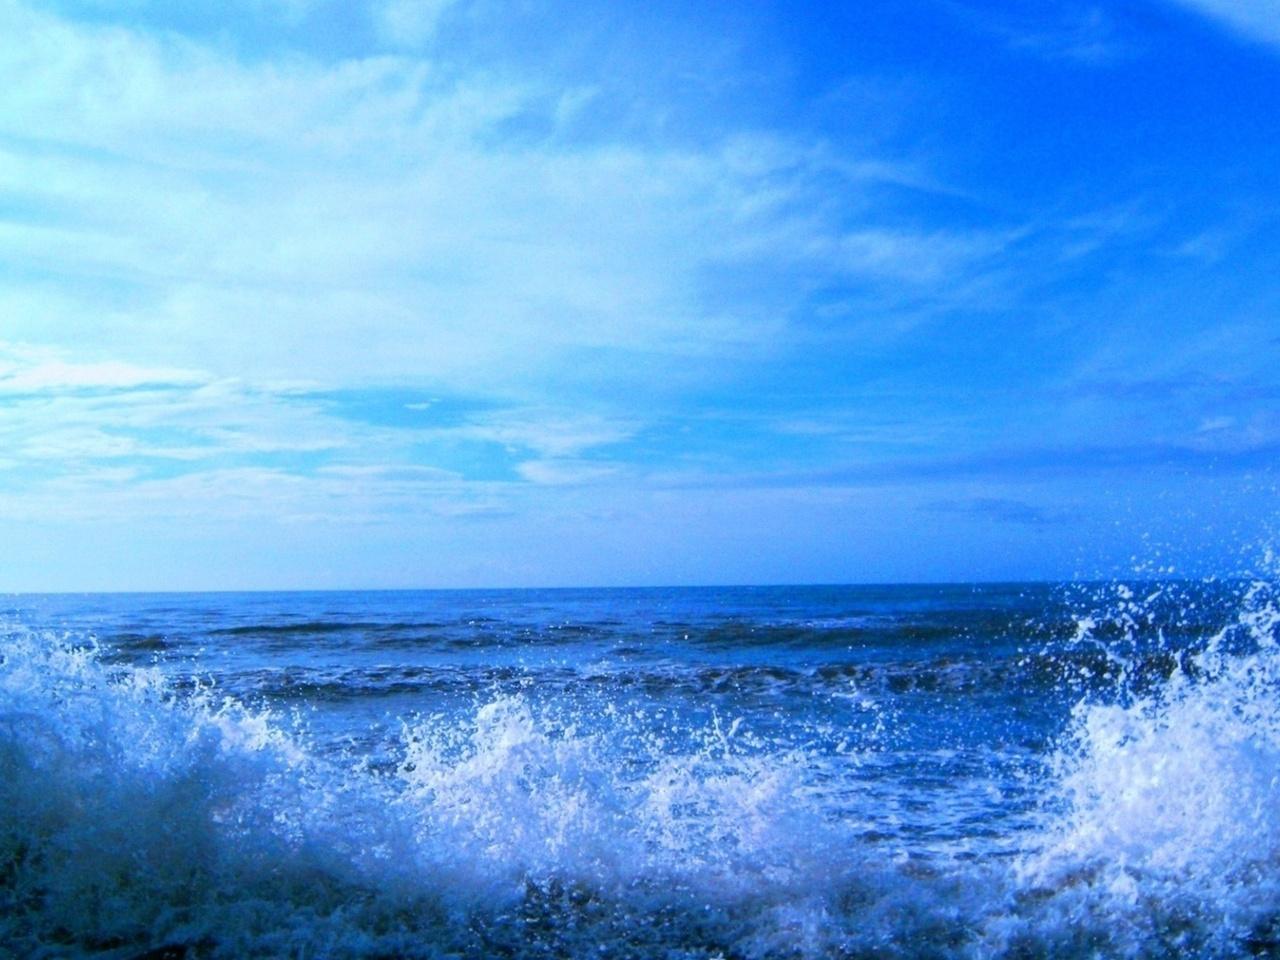 брызги воды, синяя водичка, ветер, вода, небо, прибой, горизонт, море, волны, горизонт,синее небо, синяя вода